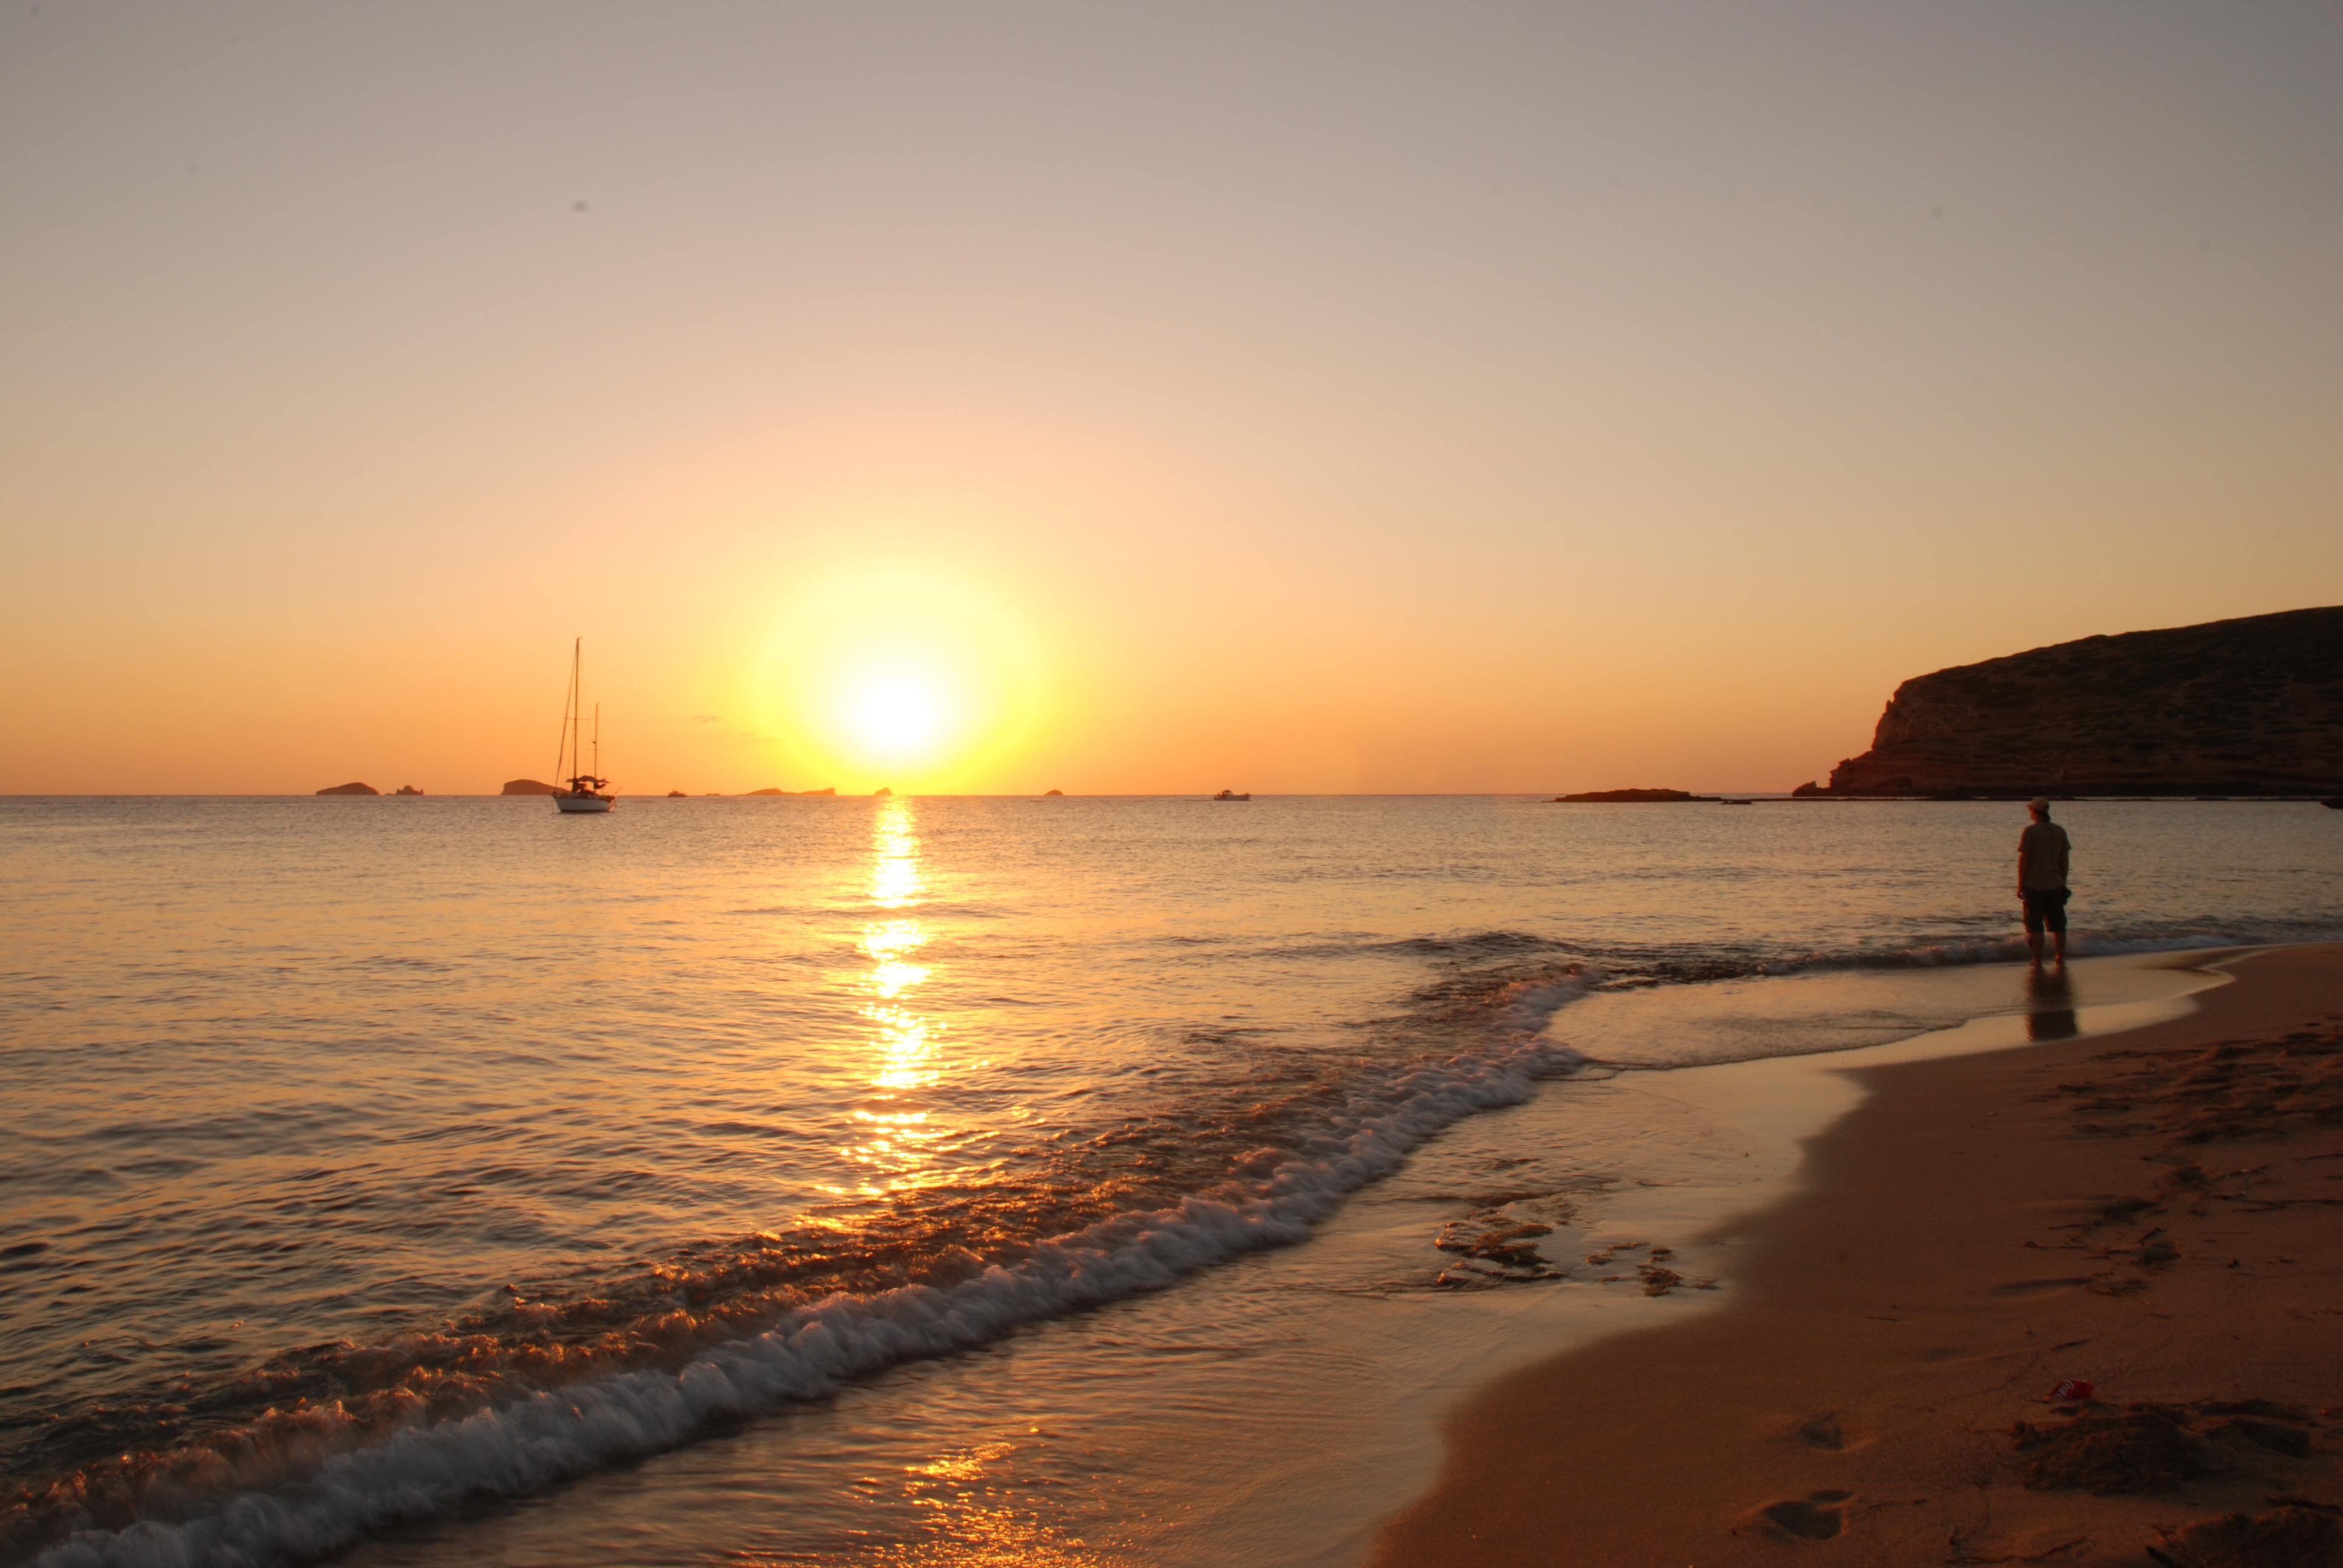 Vakantie naar Ibiza; tips en hints!